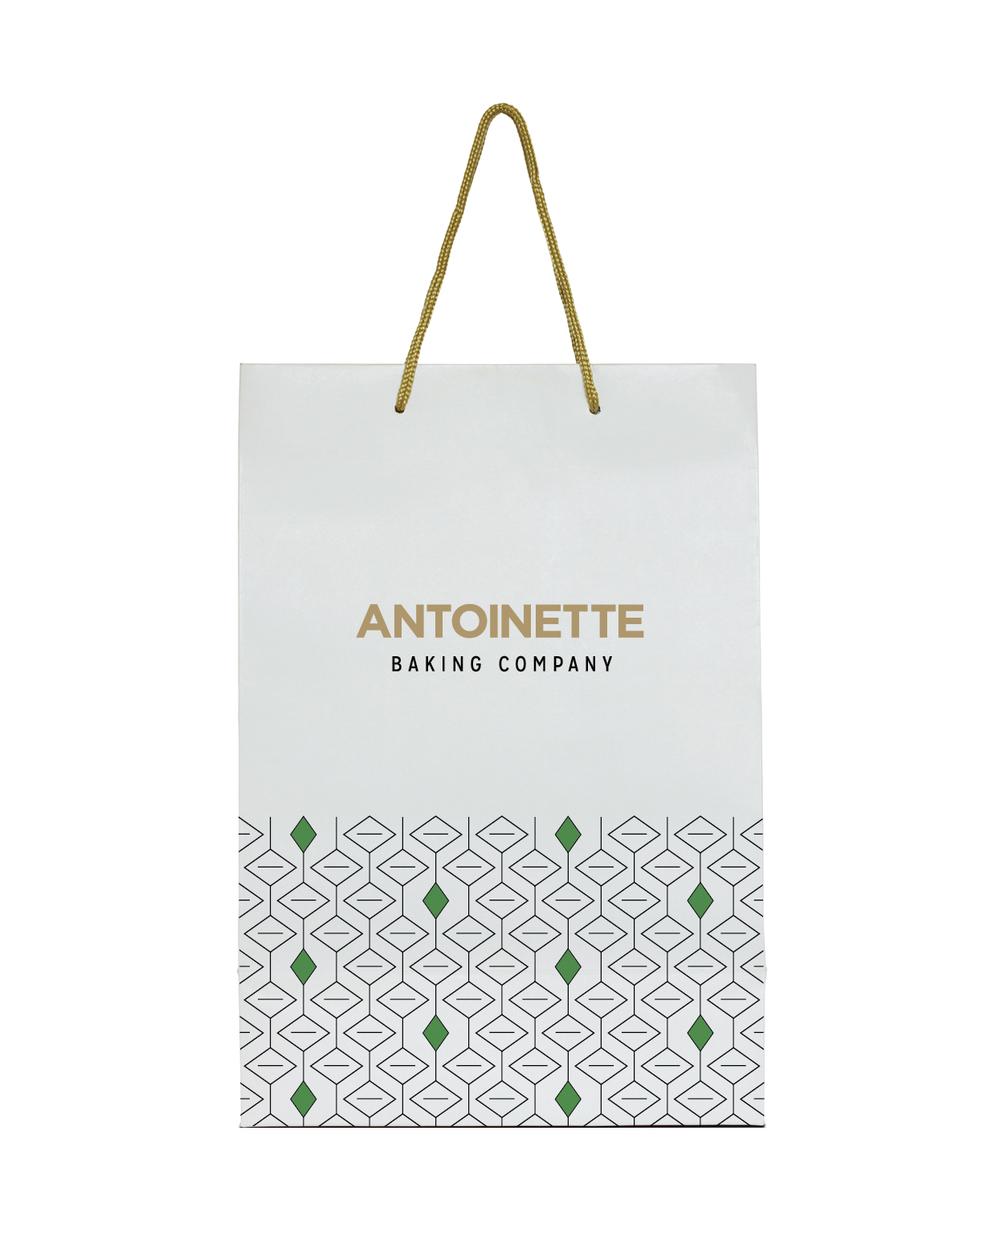 antoinette baking company branding – bag